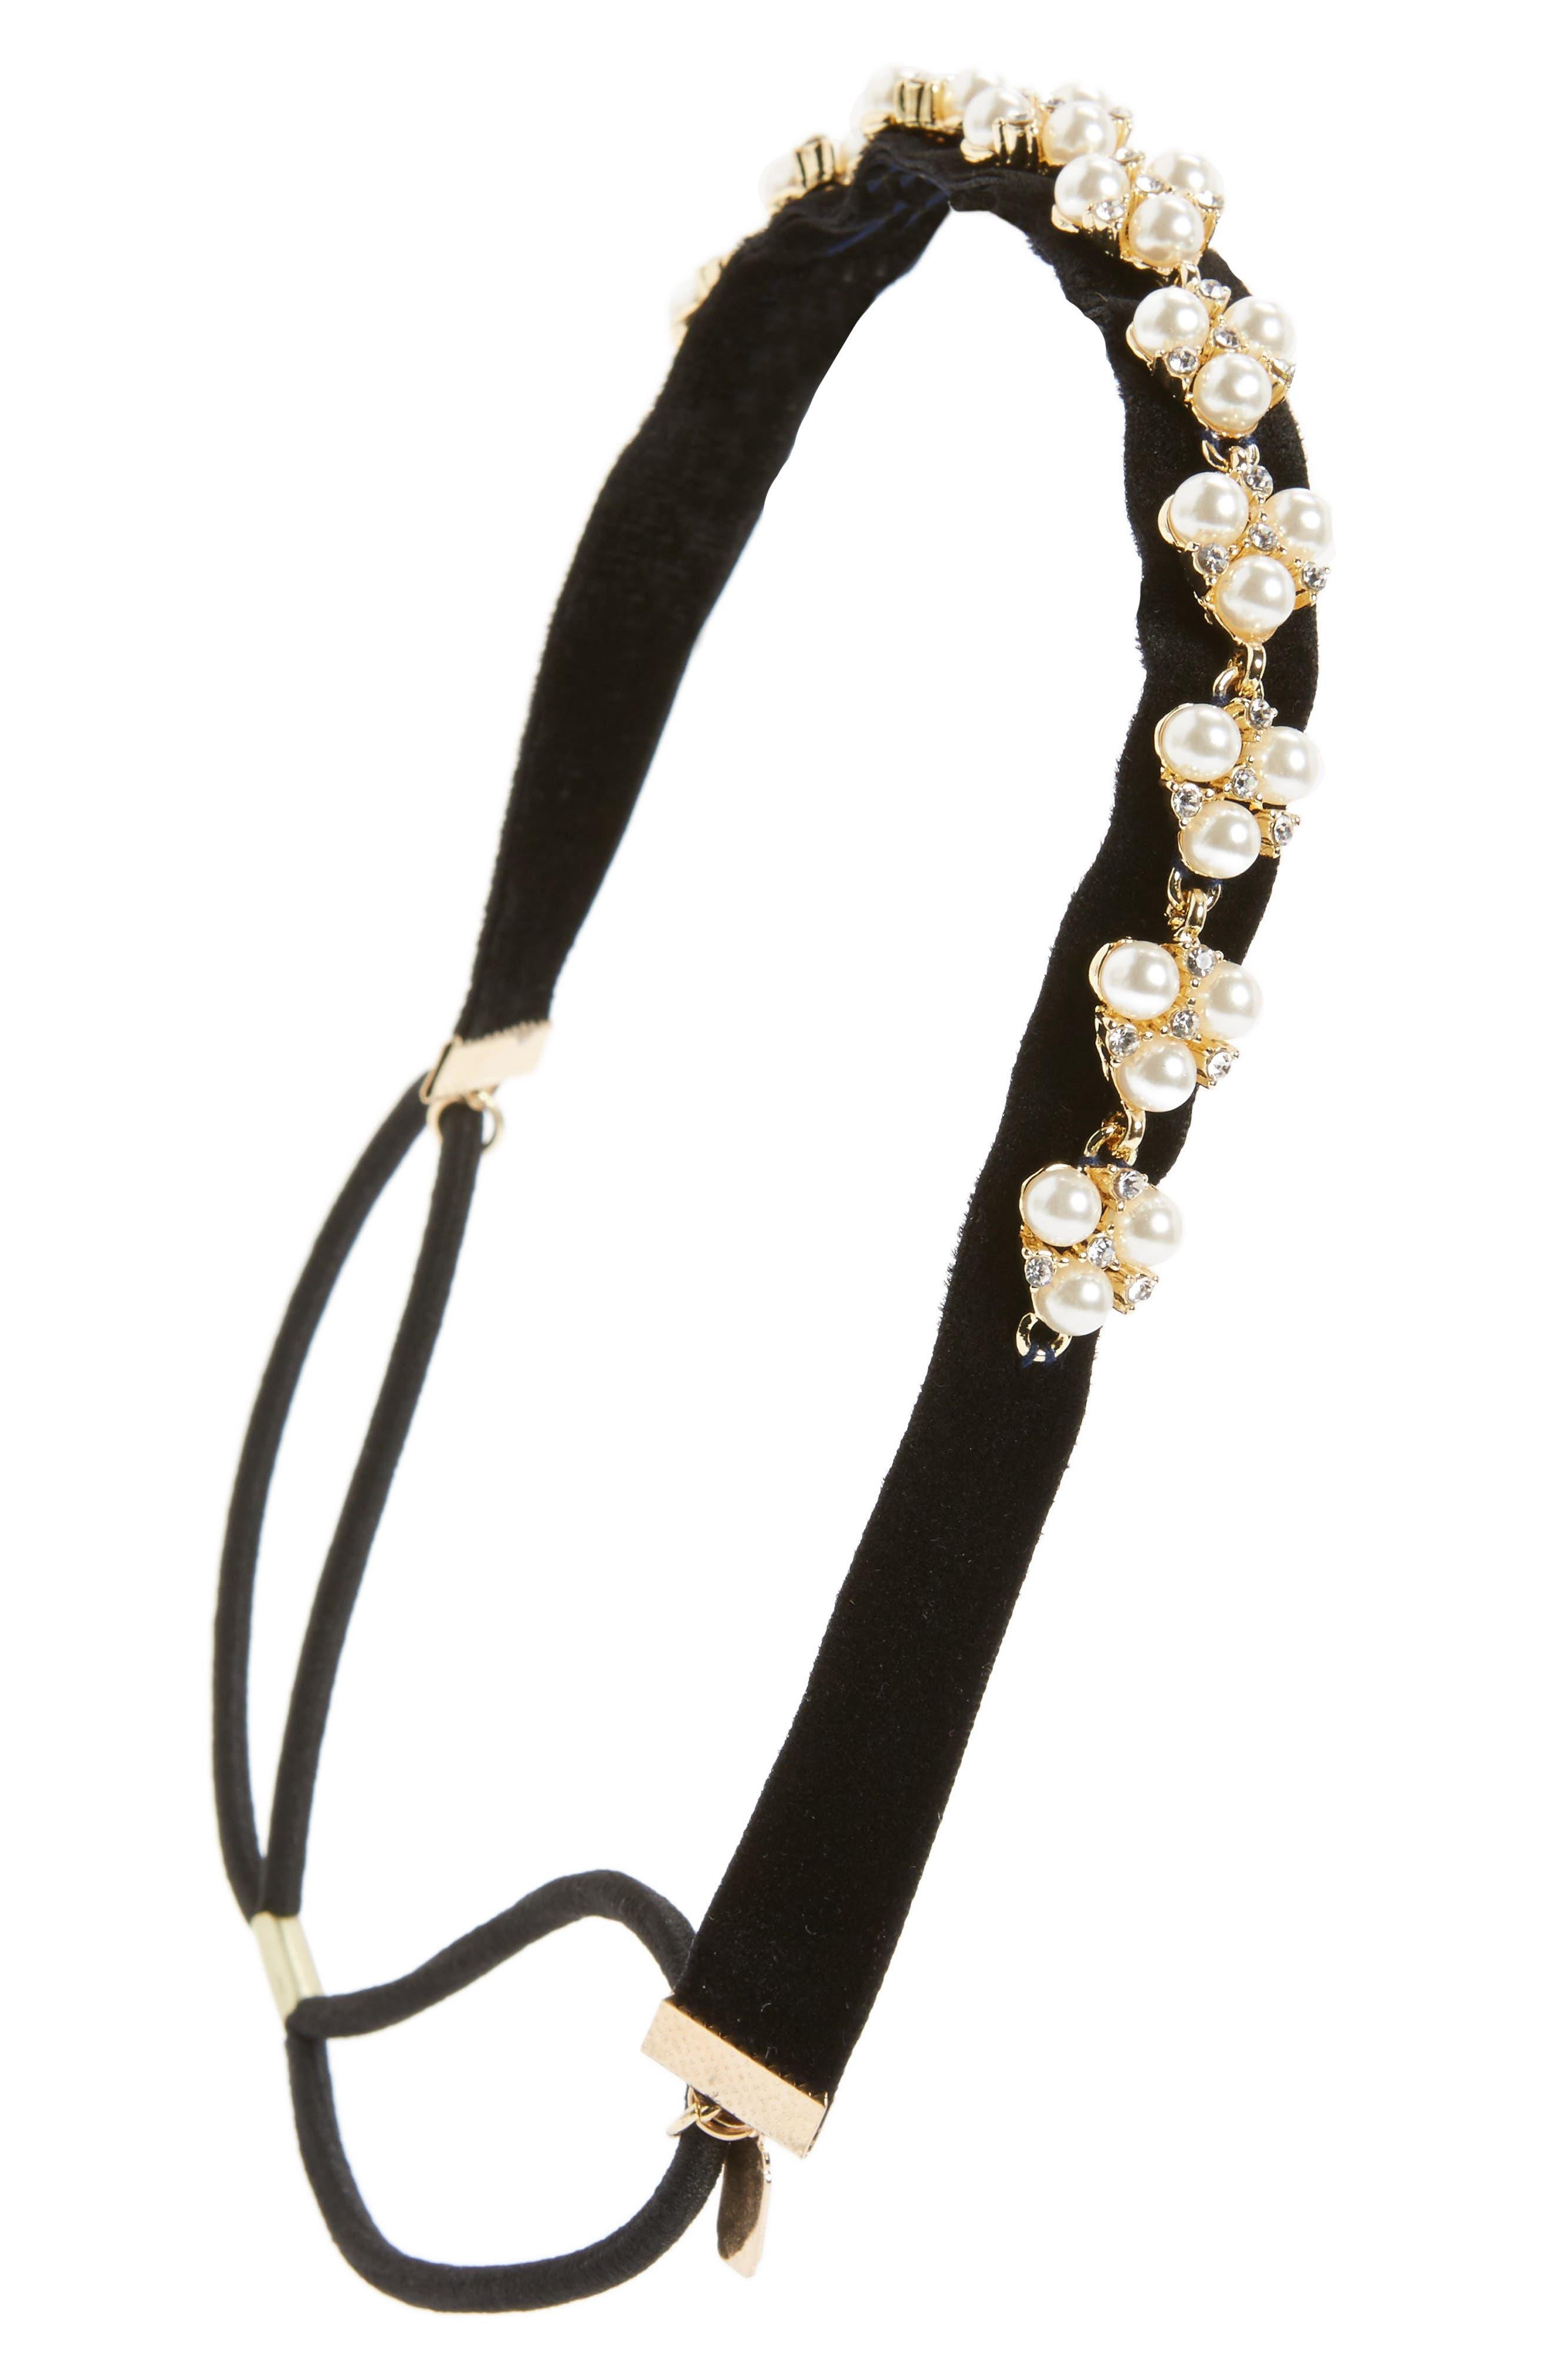 Alternate Image 1 Selected - Tasha Crystal & Imitation Pearl Embellished Headwrap